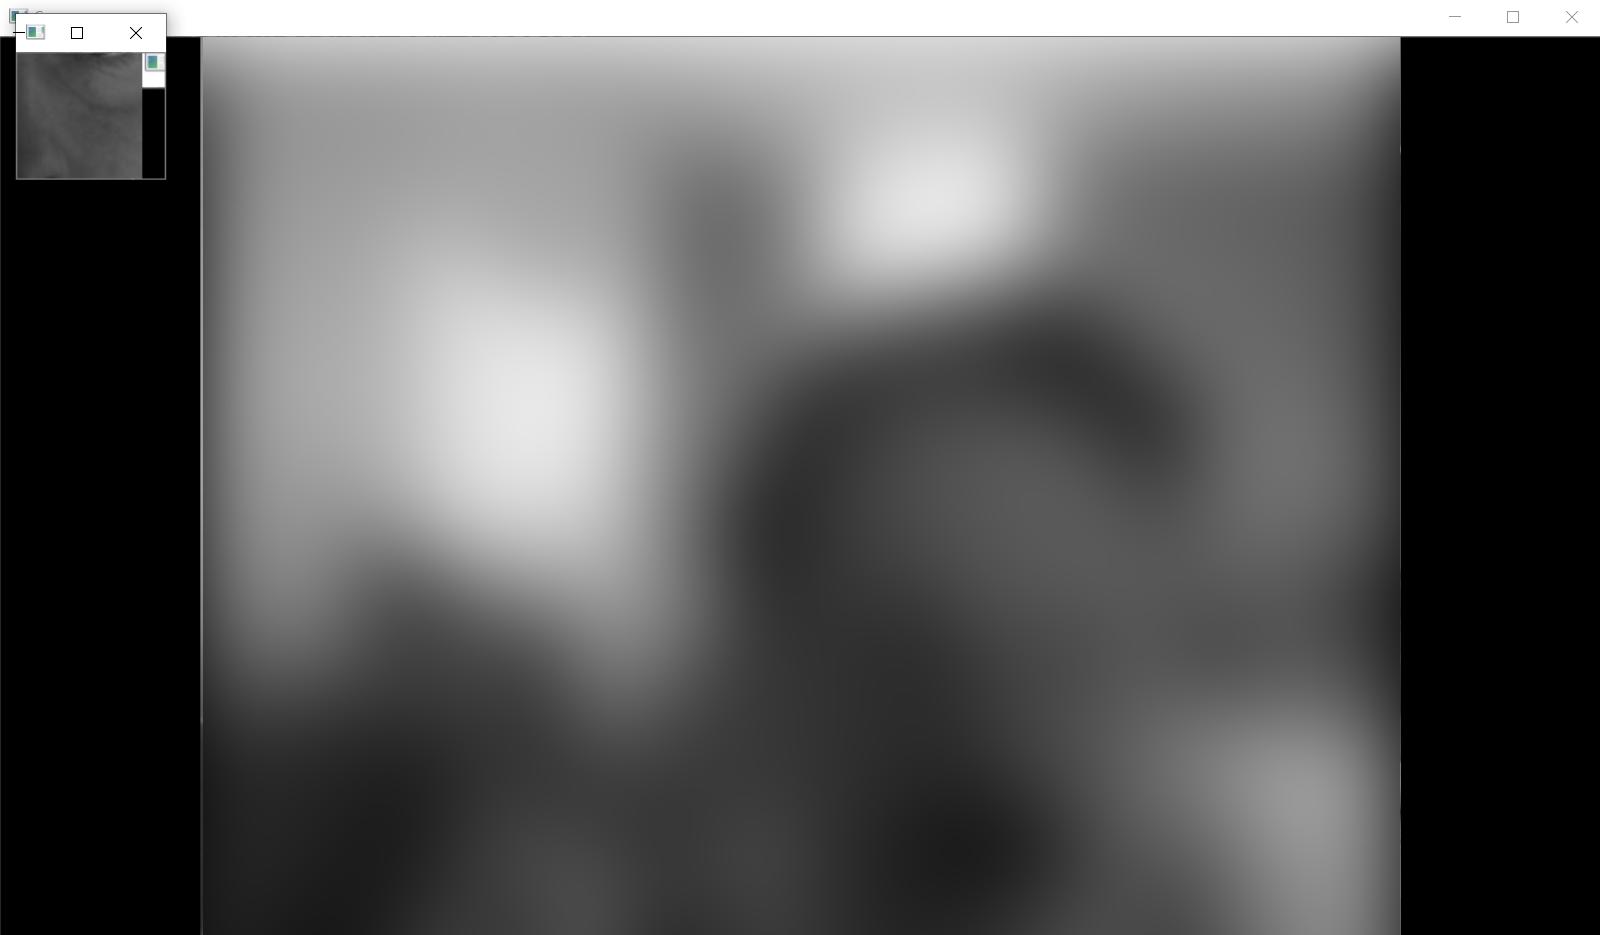 Определяем пульс по вебкамере в 50 строчек кода - 1